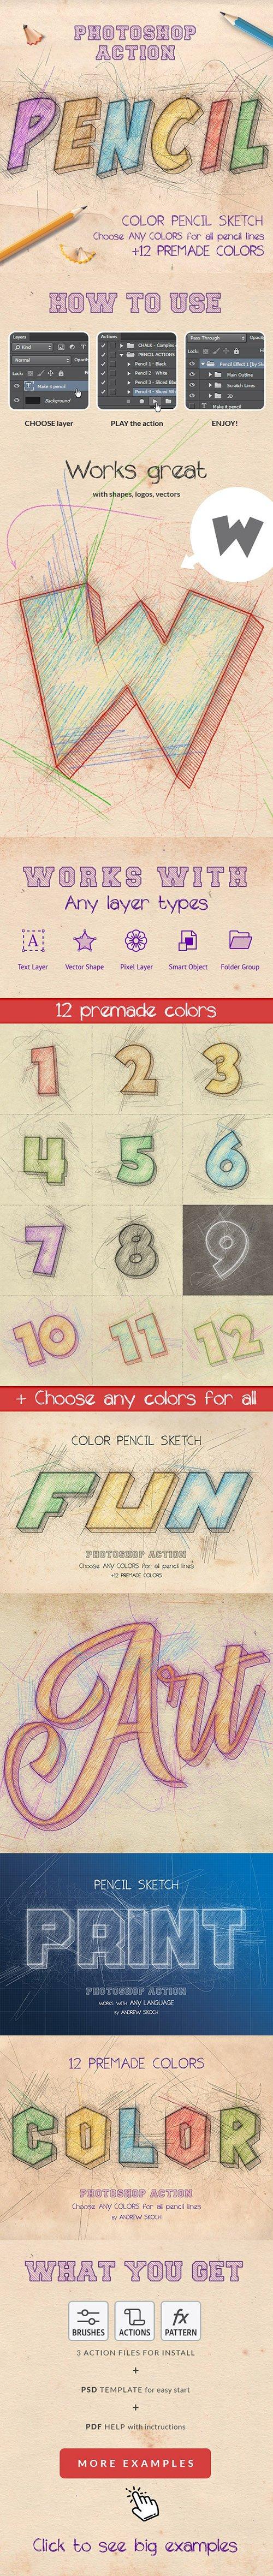 GraphicRiver - Color Pencil Sketch - Photoshop Actions 27194012